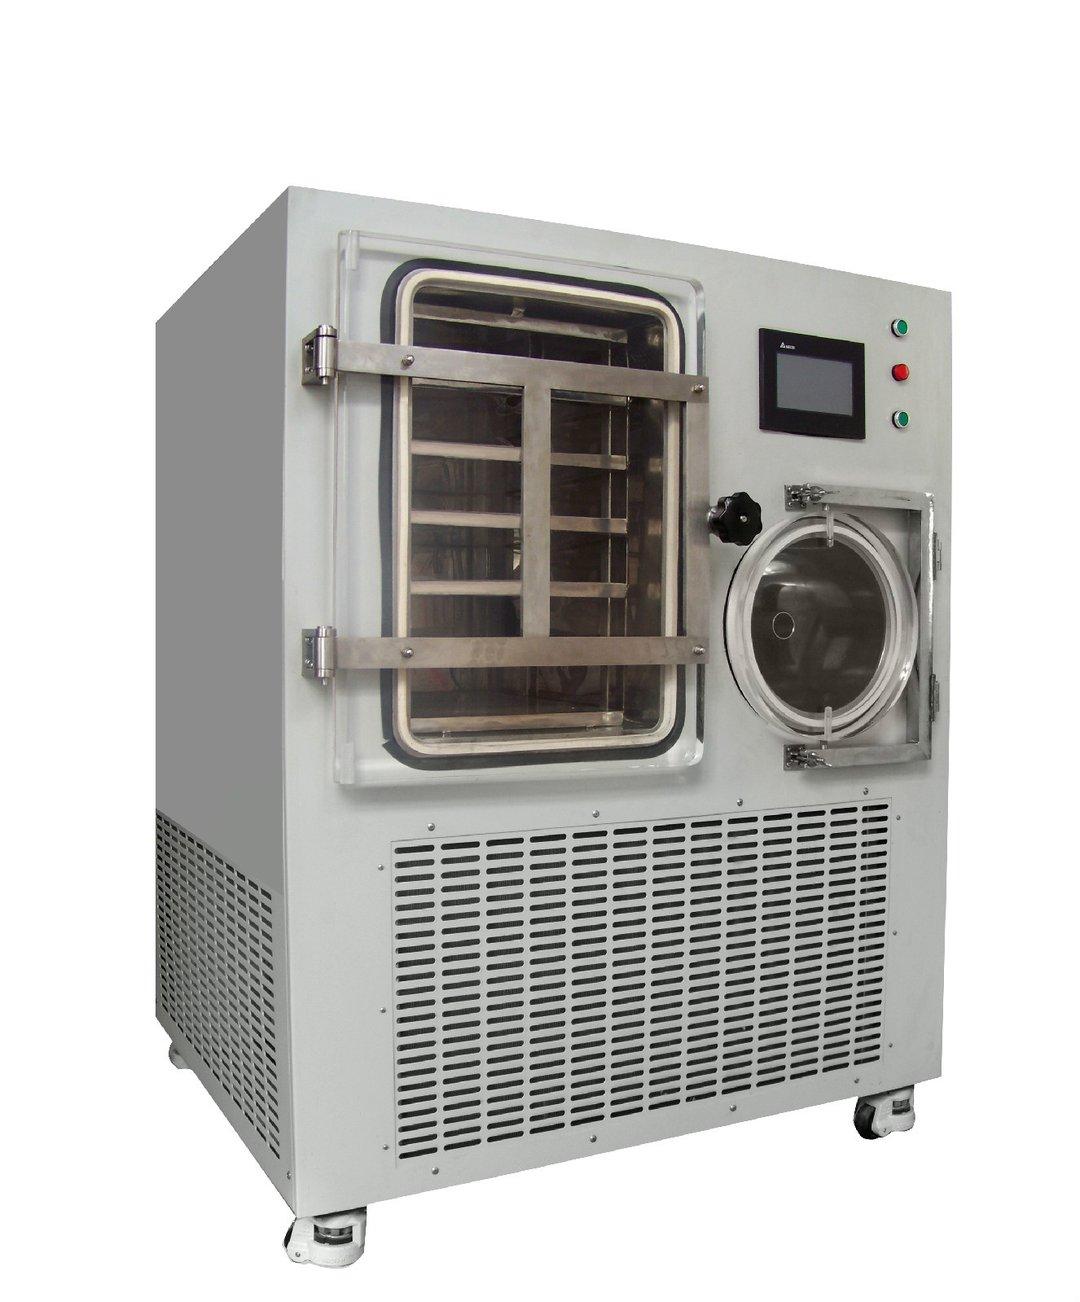 寧夏冷凍式干燥機-銀川冷凍式干燥機廠家批發直銷-找祥和節能